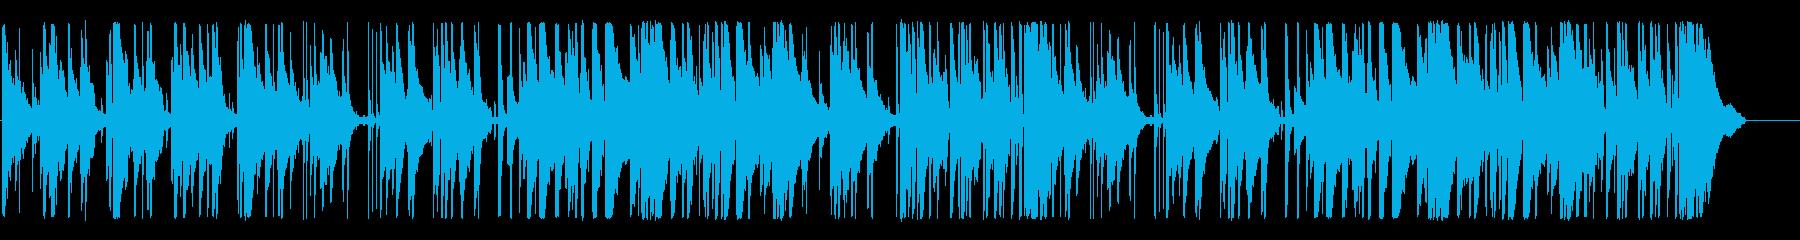 Jazz Pianoの再生済みの波形